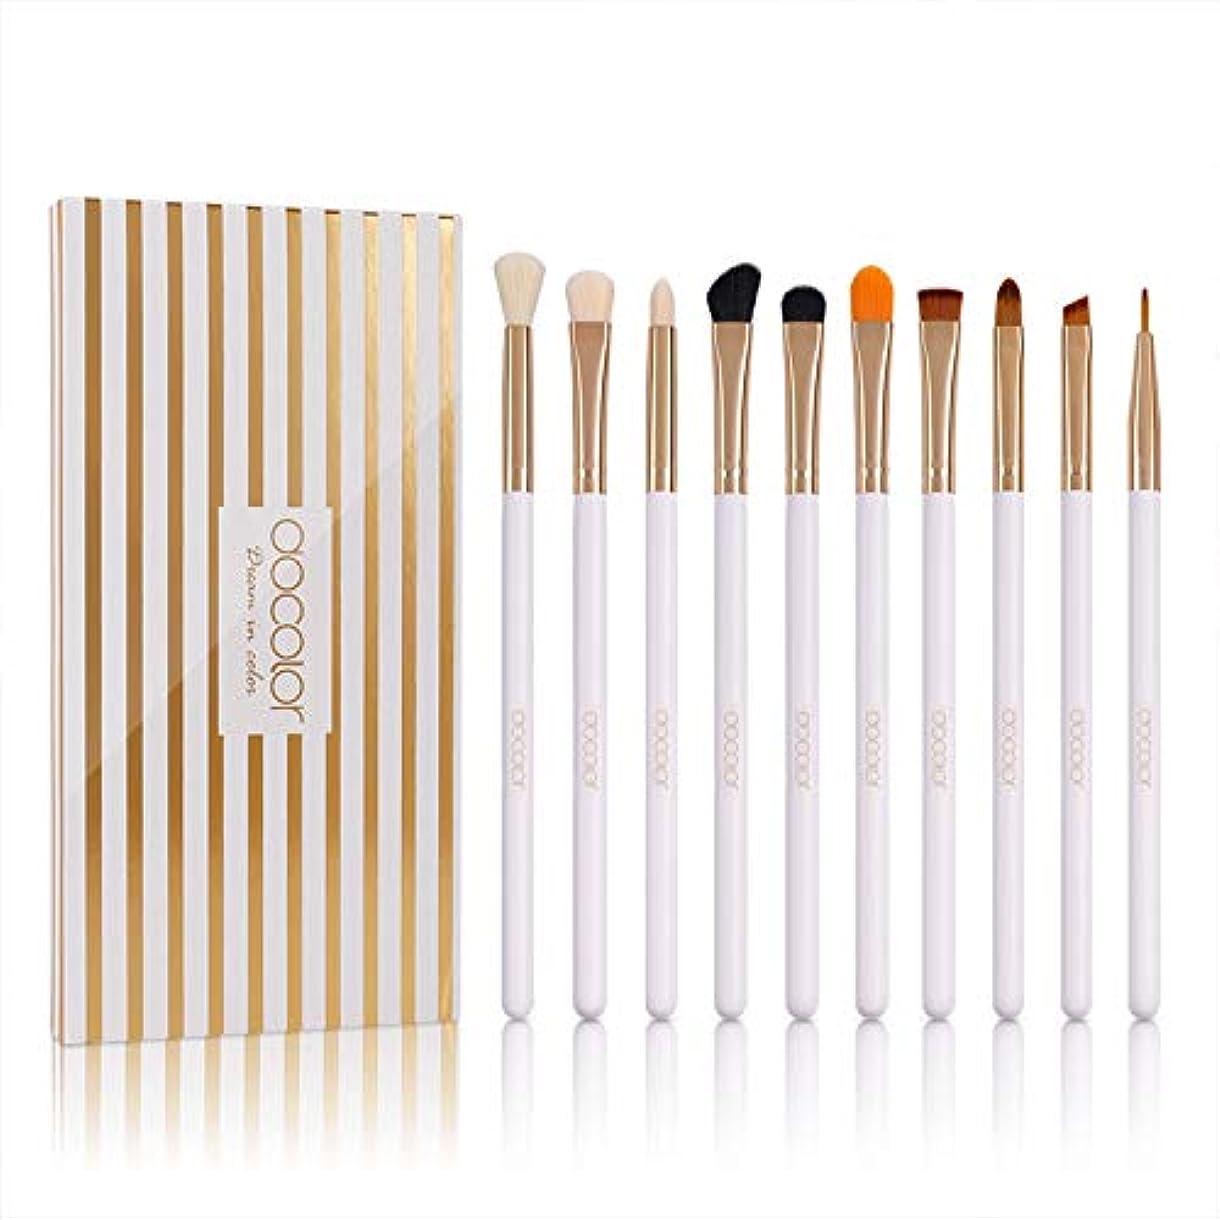 正当なデコレーションしわドゥカラー Docolor 化粧筆 アイシャドウブラシ 10本セット